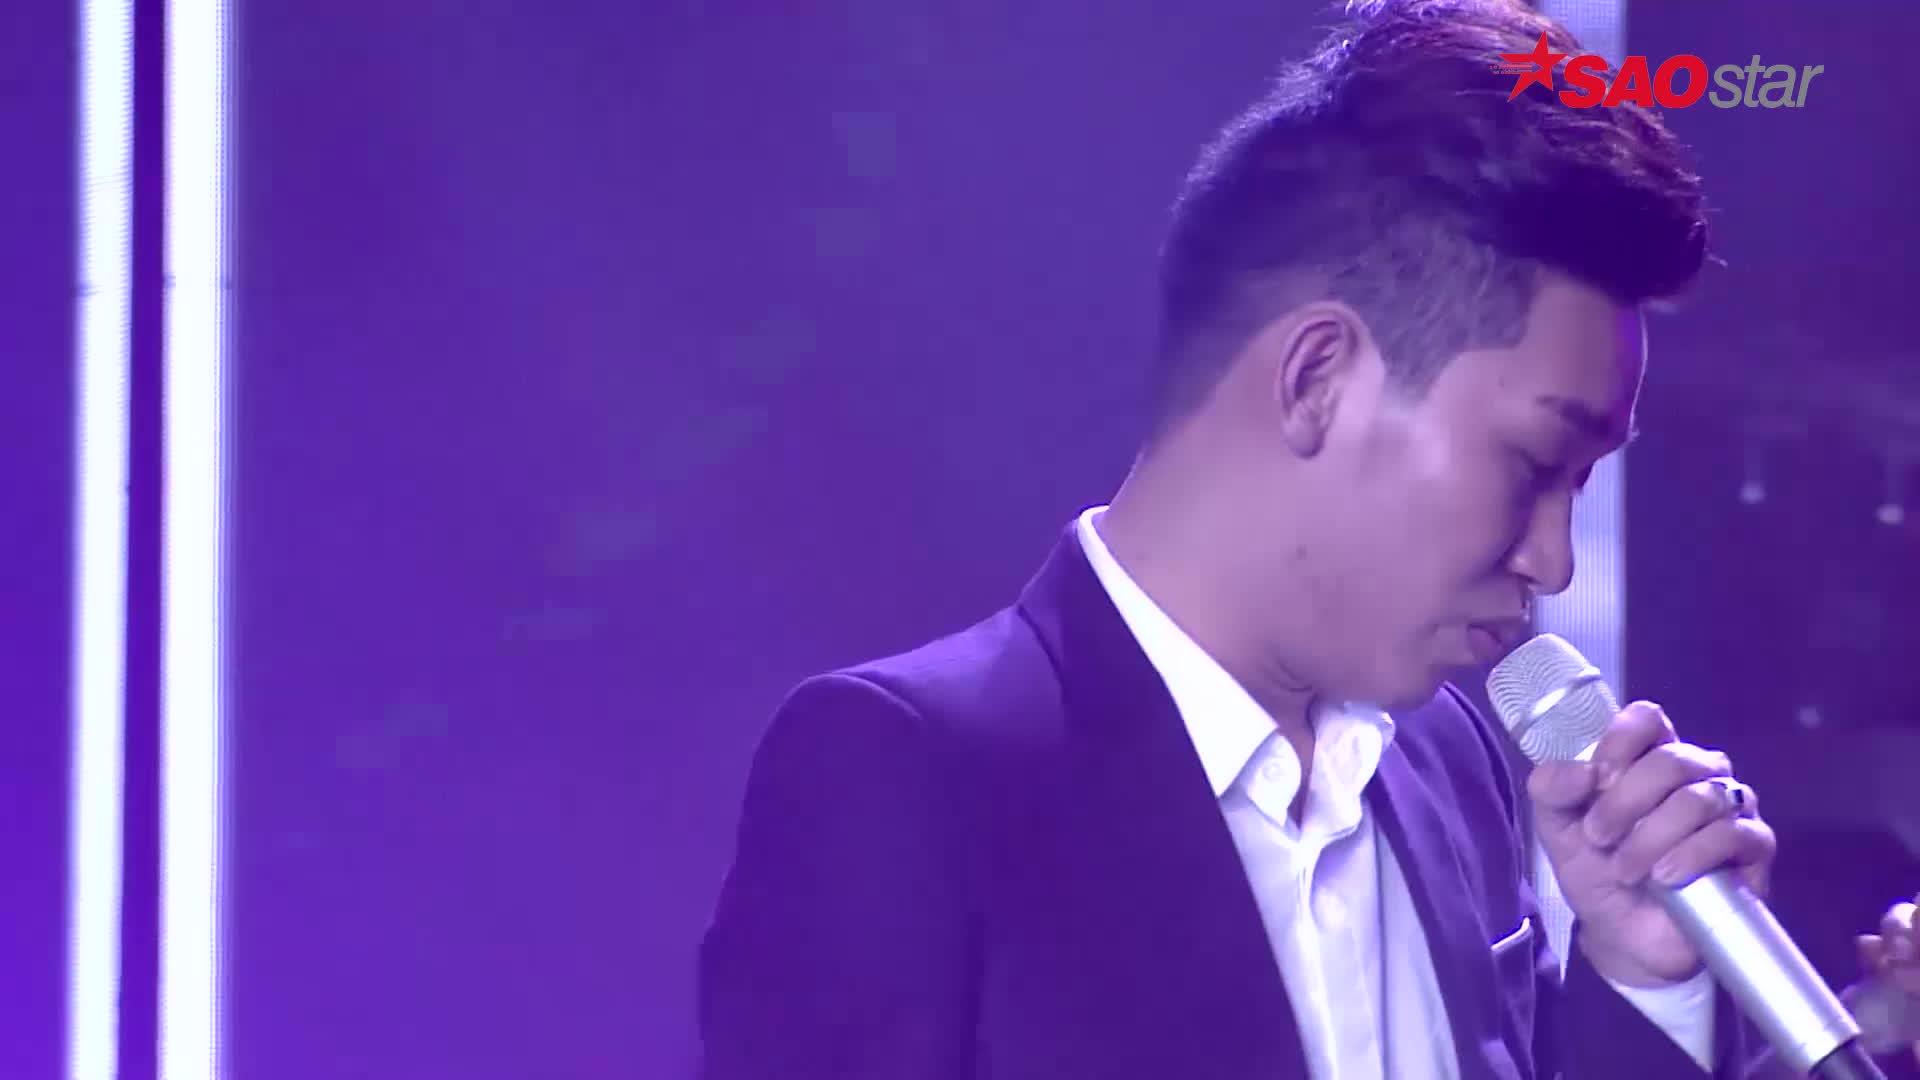 Hồ Phương Liên  Đình Toàn khiến người nghe xao xuyến trong tuyệt phẩm của nhạc sĩ Lam Phương